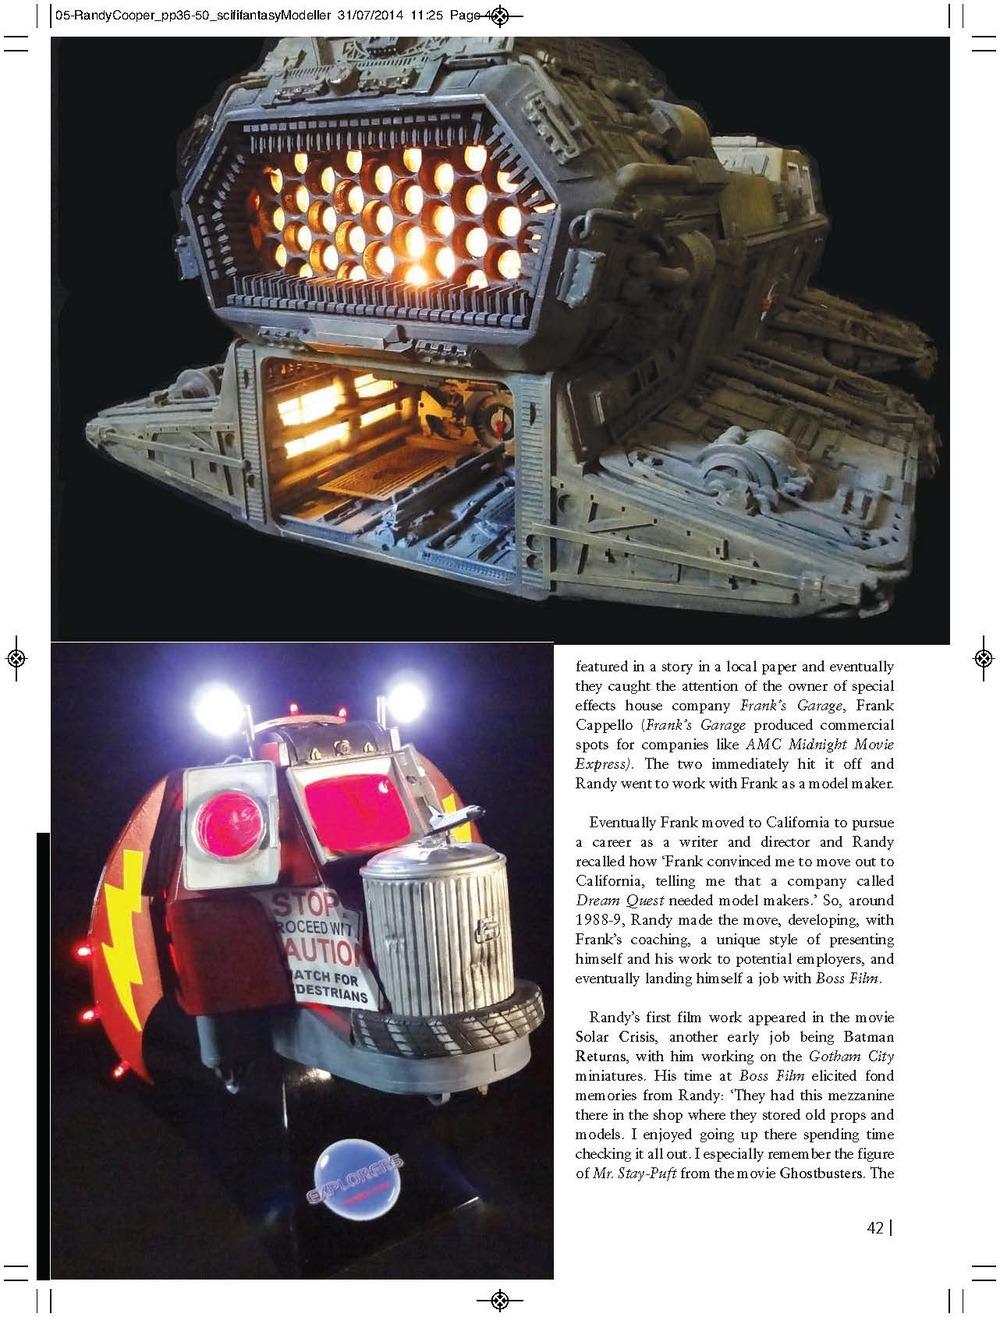 scififantasyModeller 1_Page_07.jpg